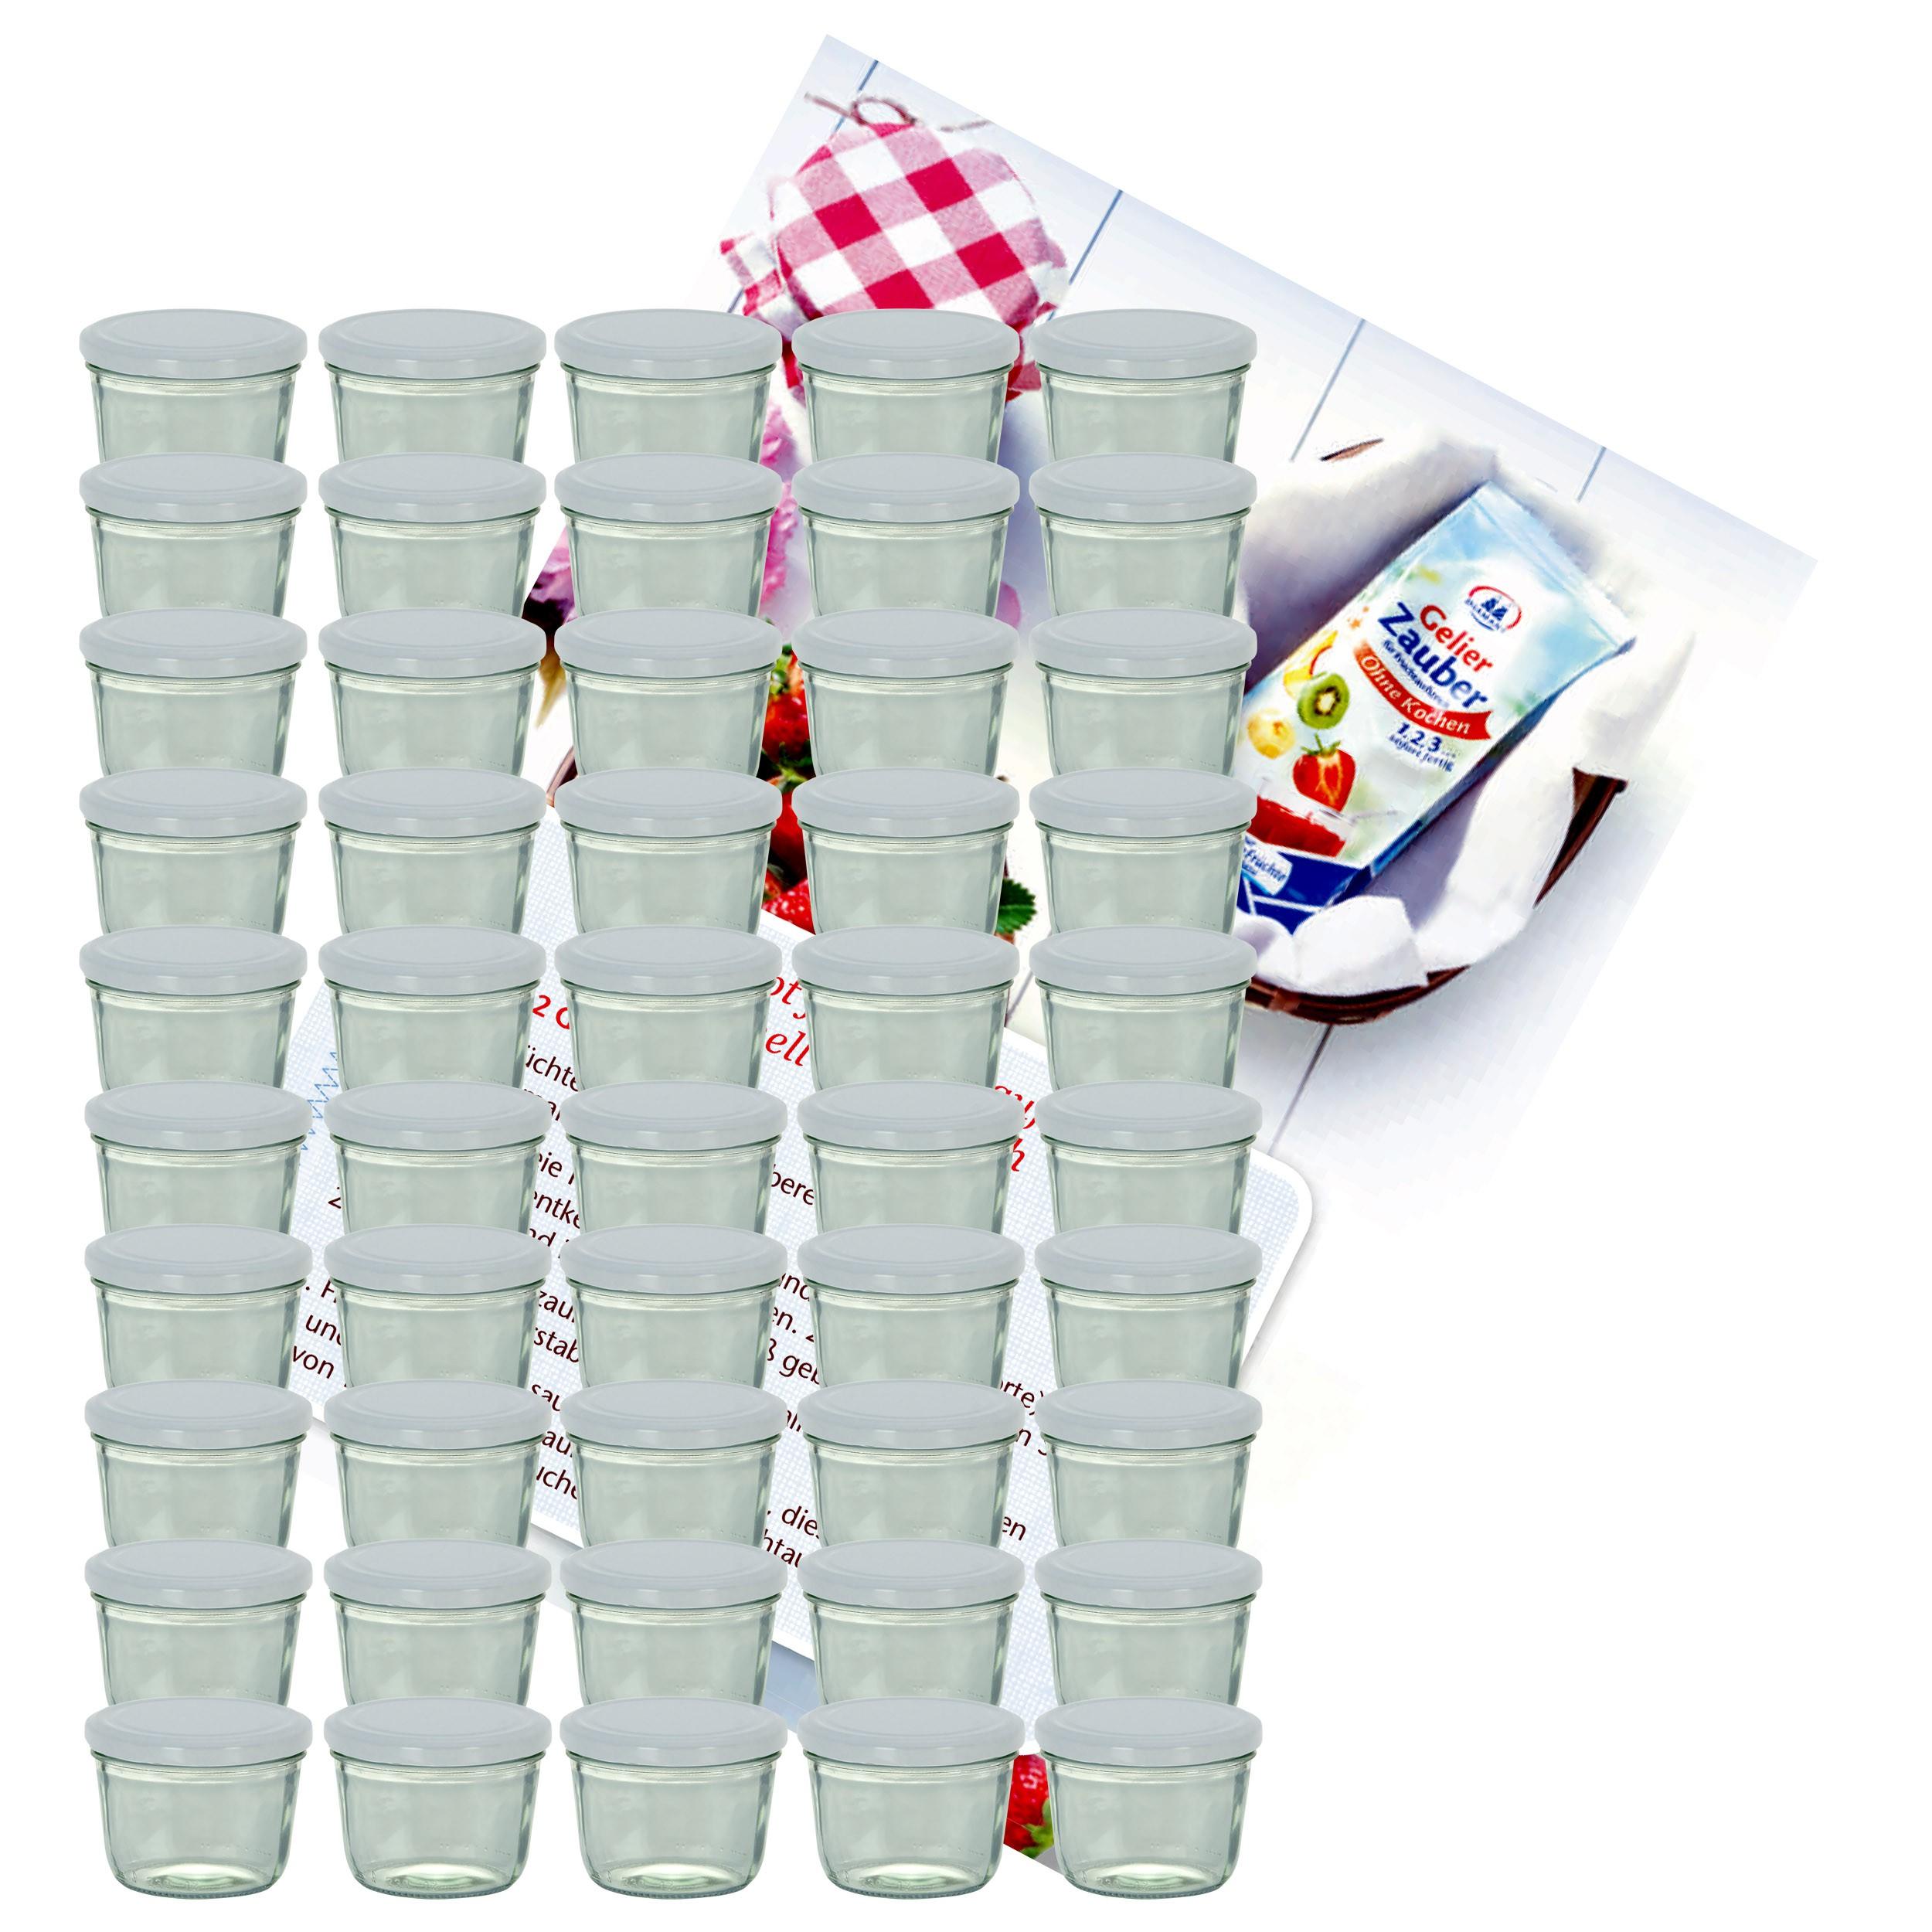 50 x Sturzglas 230 ml Marmeladenglas Einmachglas Weiß Einweckgläser Einkochen